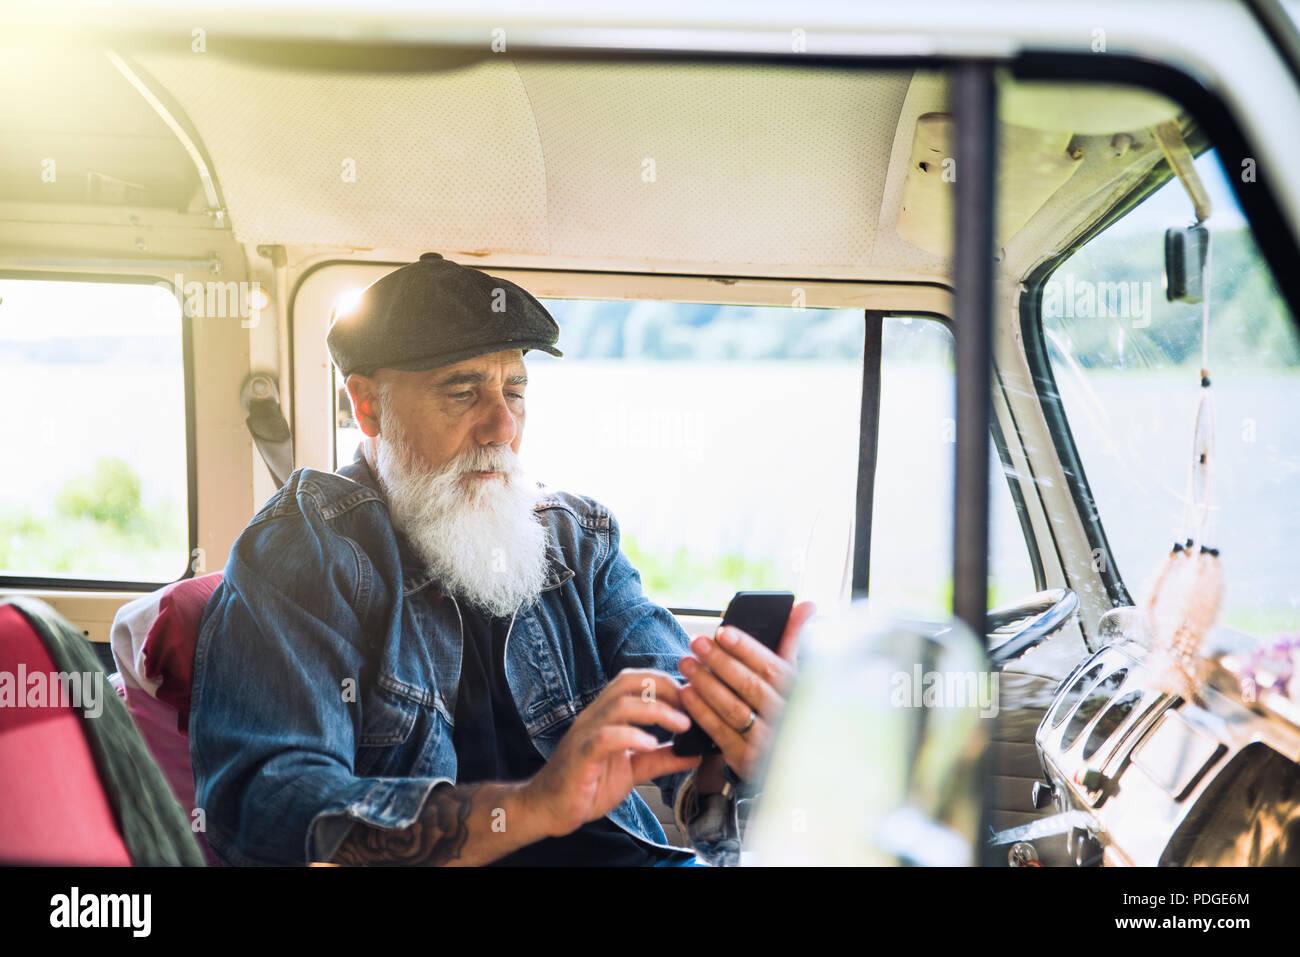 Un senior hipster seduta nel suo camper, utilizzando un telefono cellulare. Immagini Stock